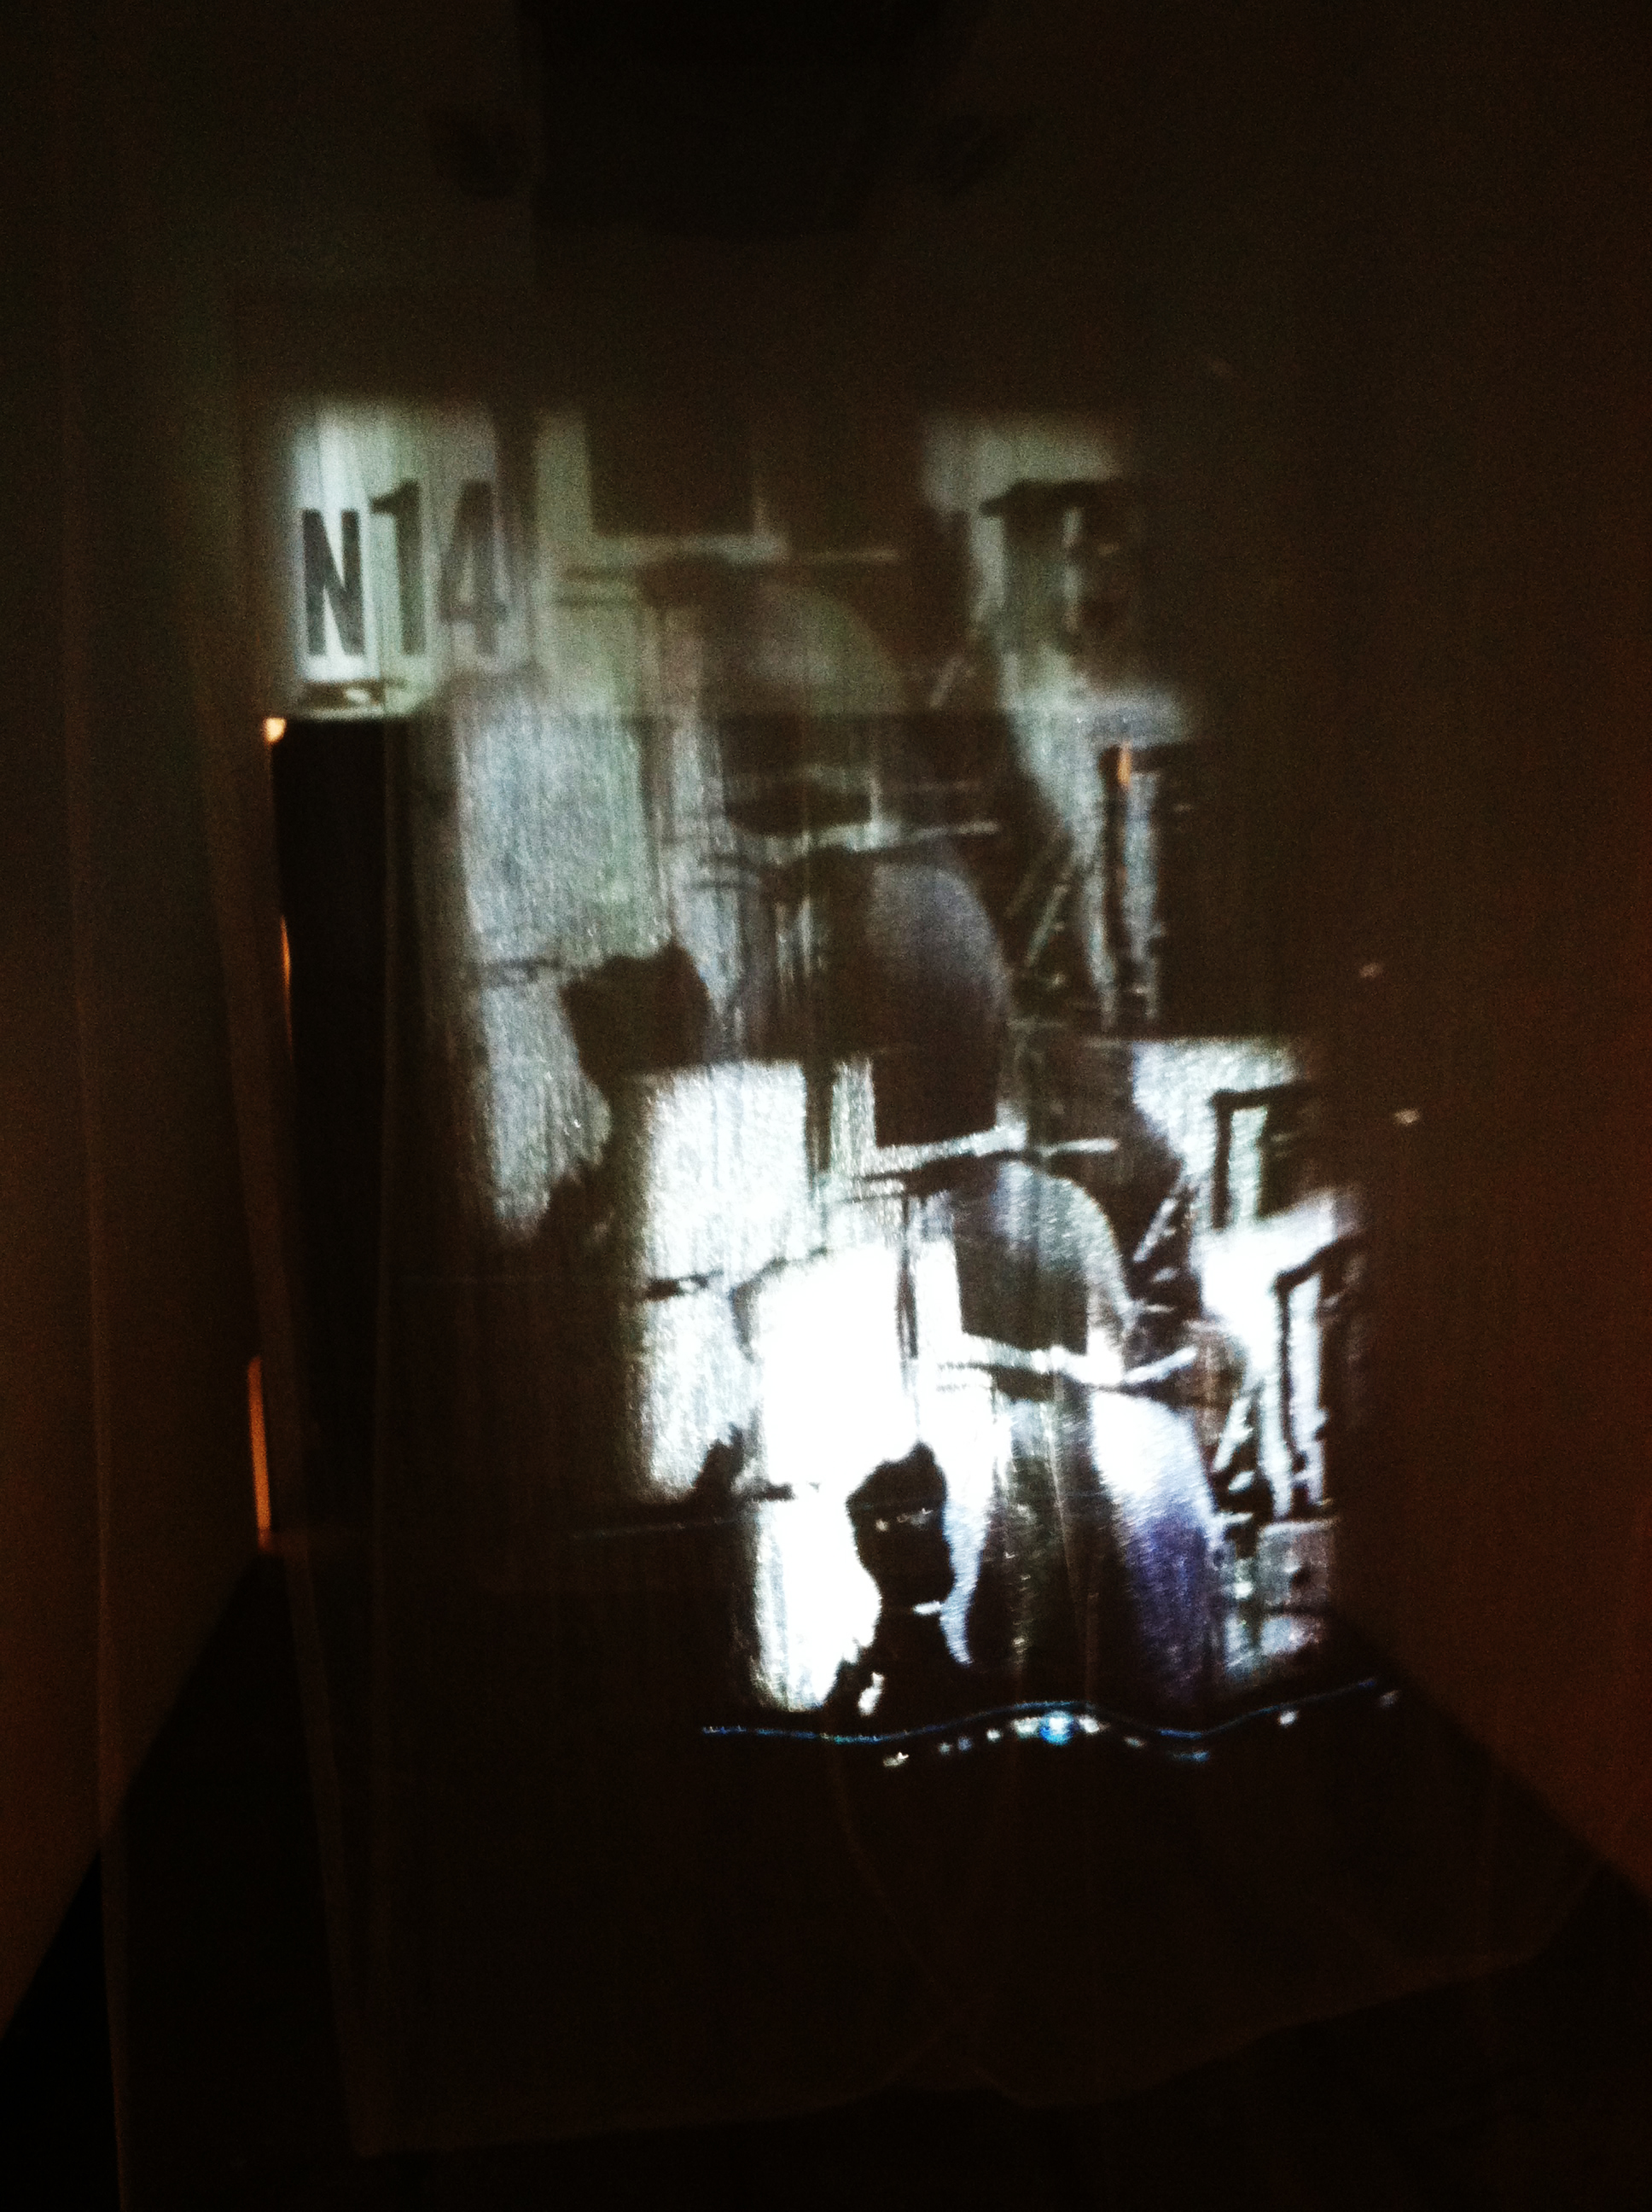 Diaz-Jojit_2014-Fall-CCA-Perceptual-Shifts_Installation-Photo-01.JPG.JPG